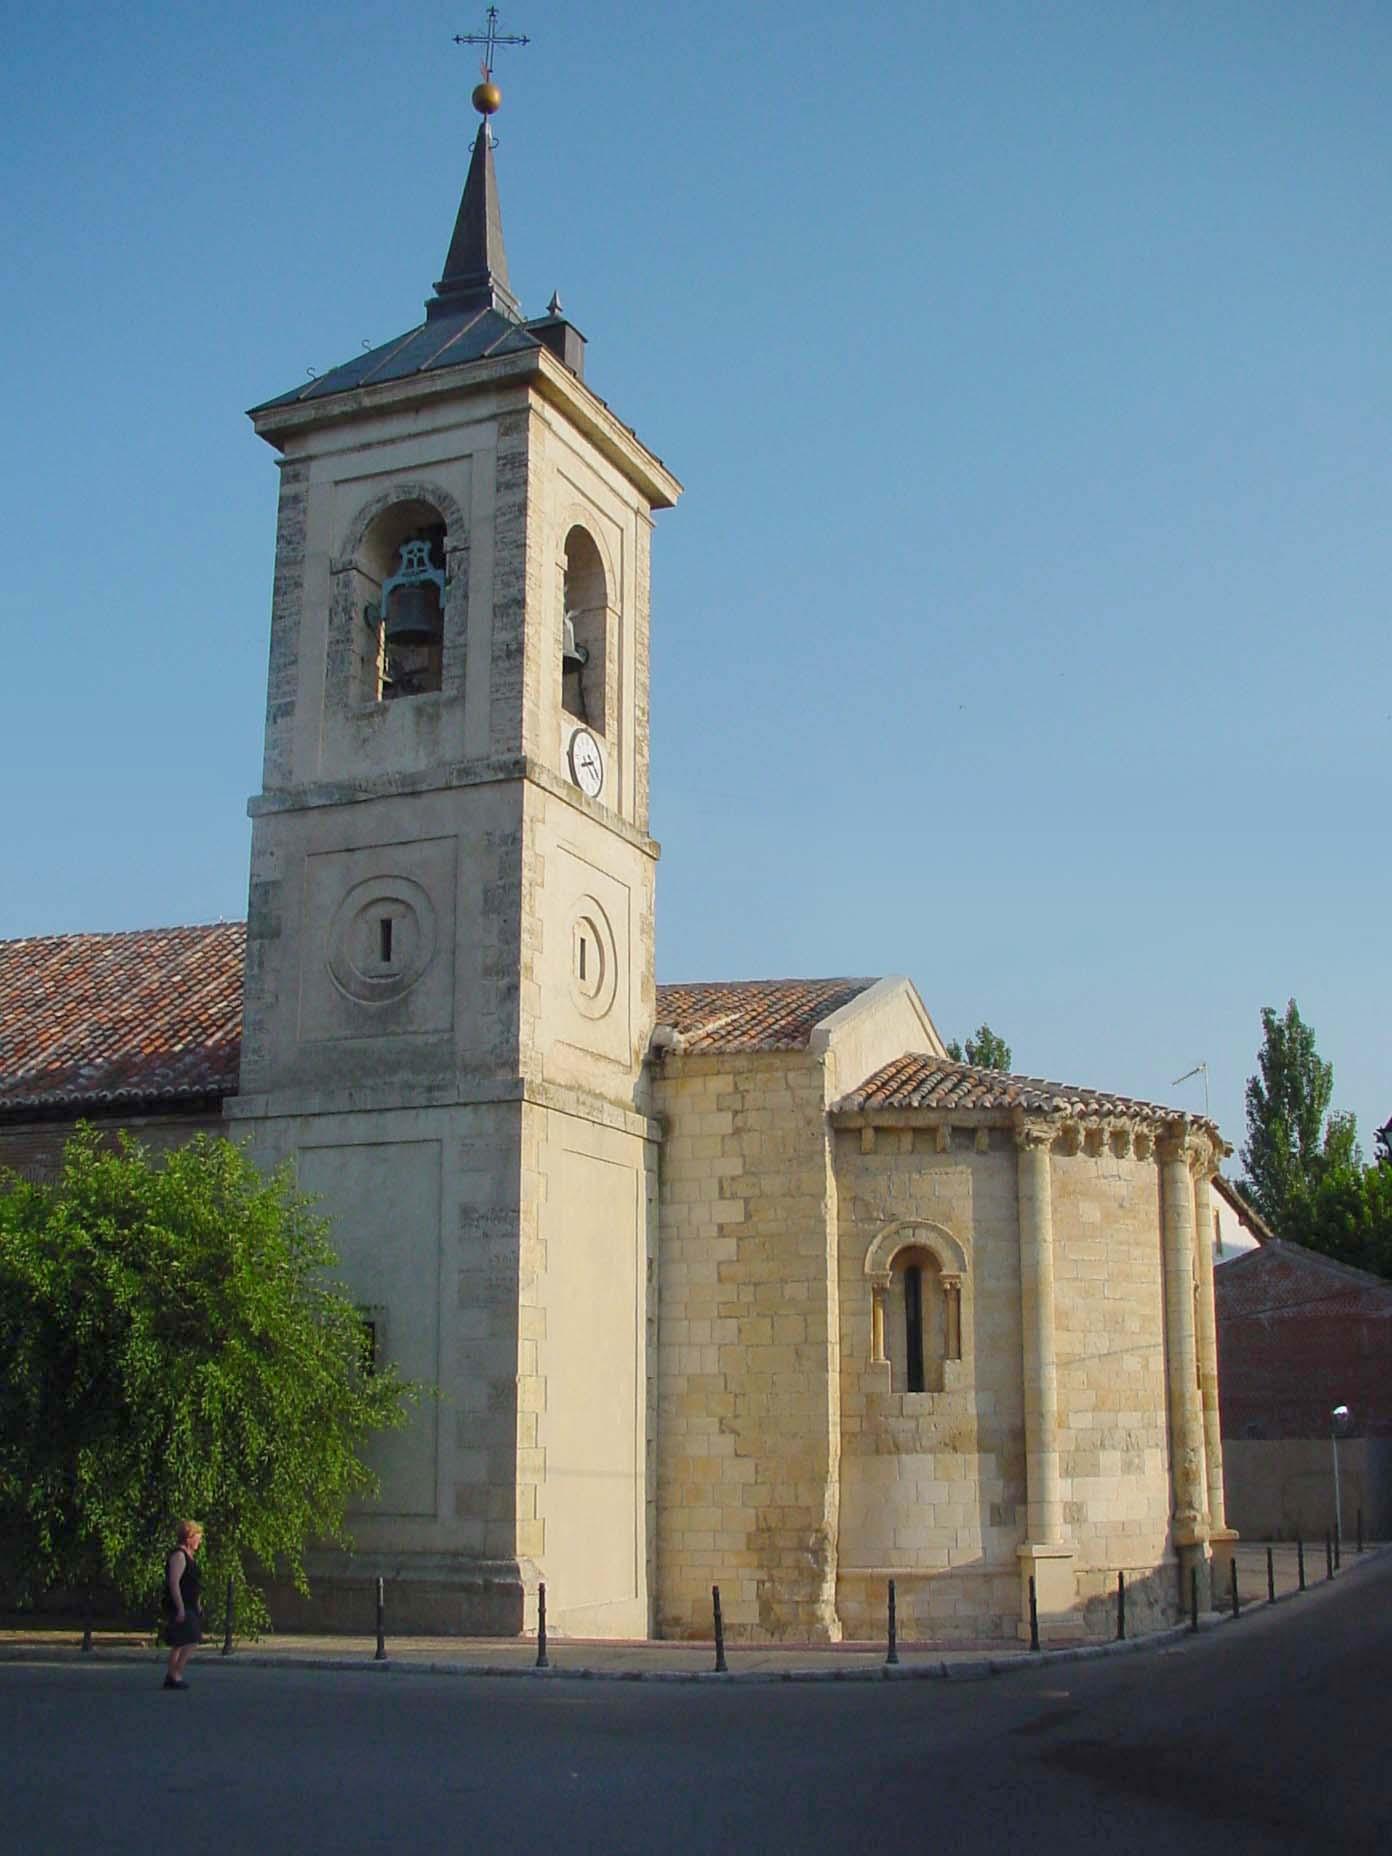 Torre de la iglesia de San Juan Bautista en Talamanca del Jarama